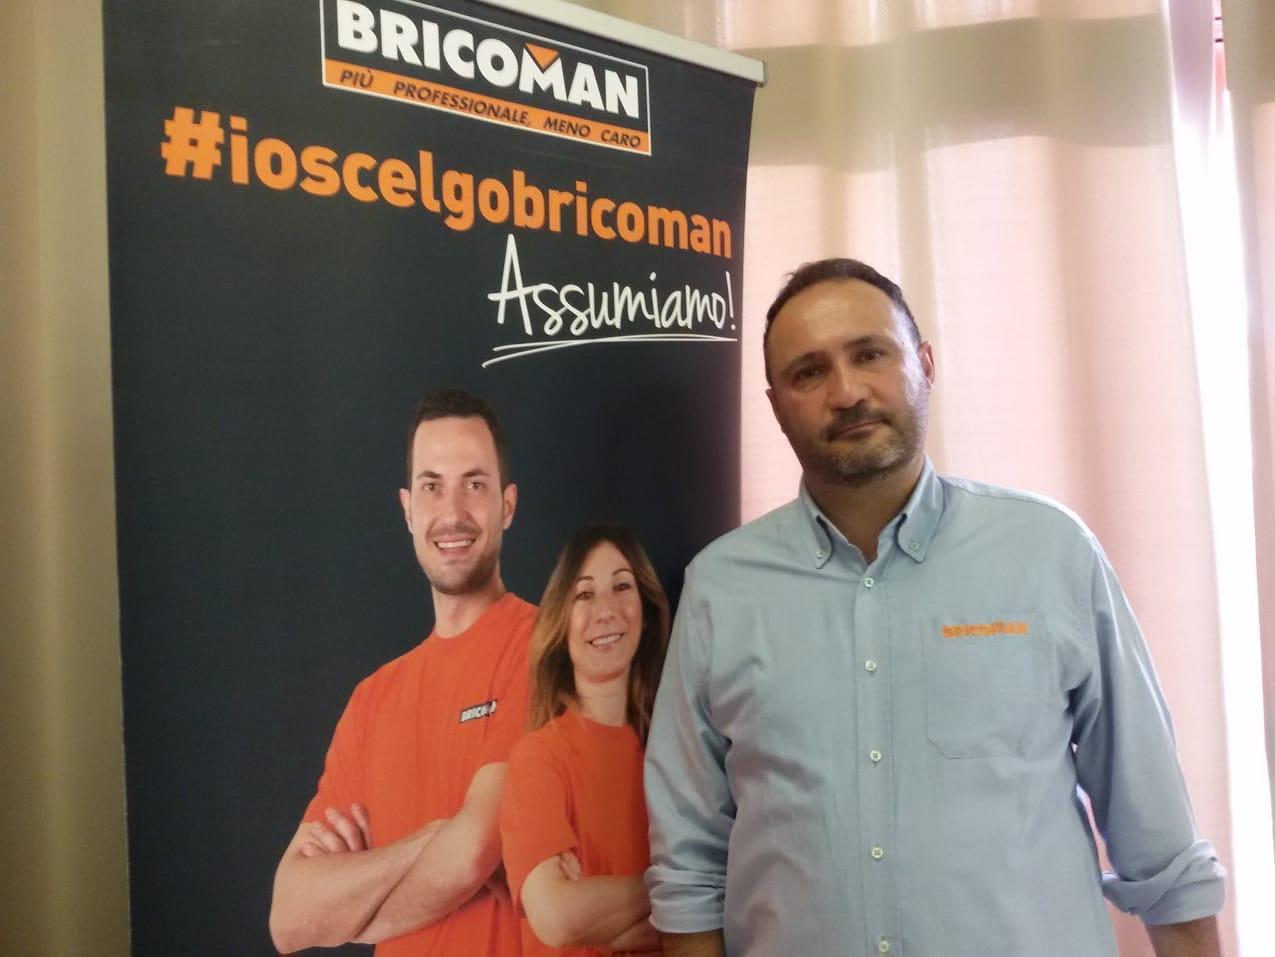 bricoman2 (3)